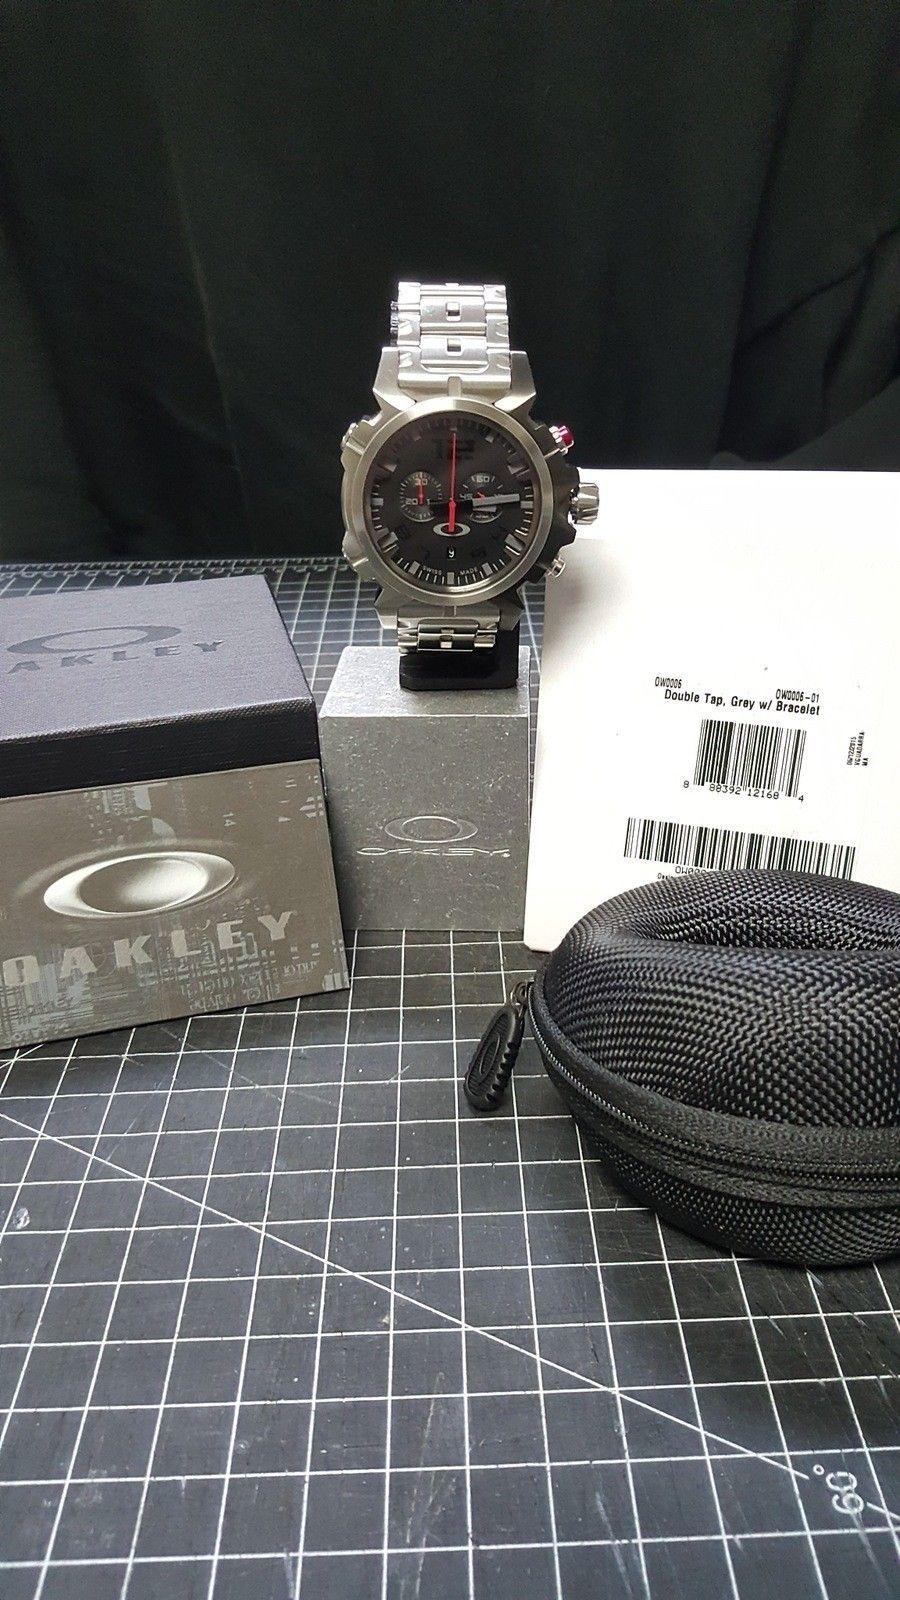 Double Tap - 800.00 Watch - Total Cost - Nib. w/metal bracelet w/case CONUS - 20160111_094917.jpg